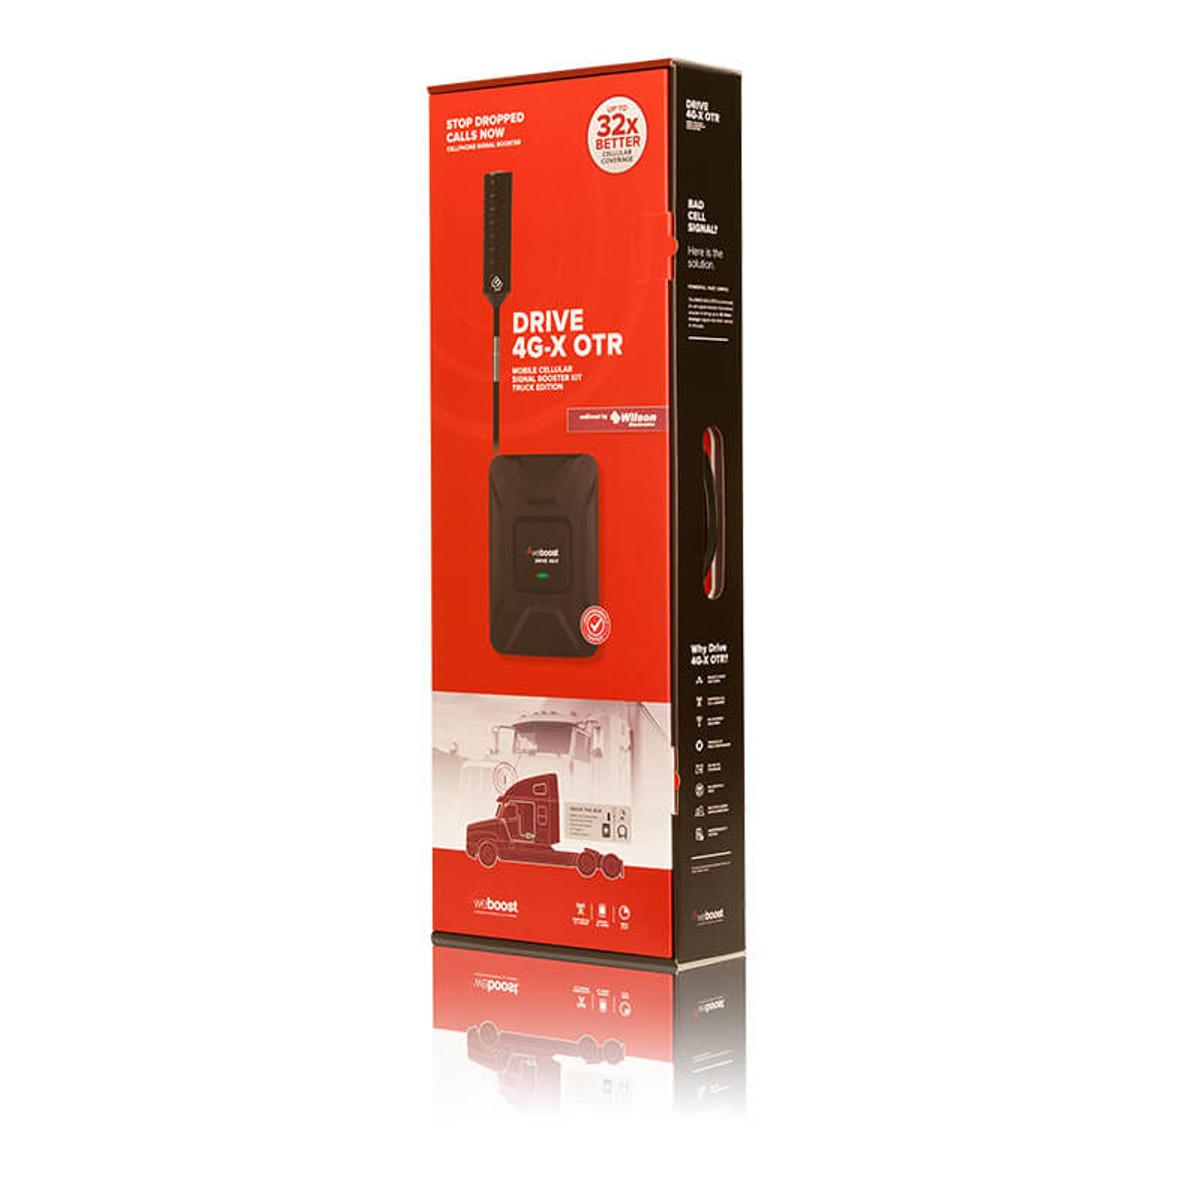 470210-Drive-4G-X-OTR-Signal-Booster-box